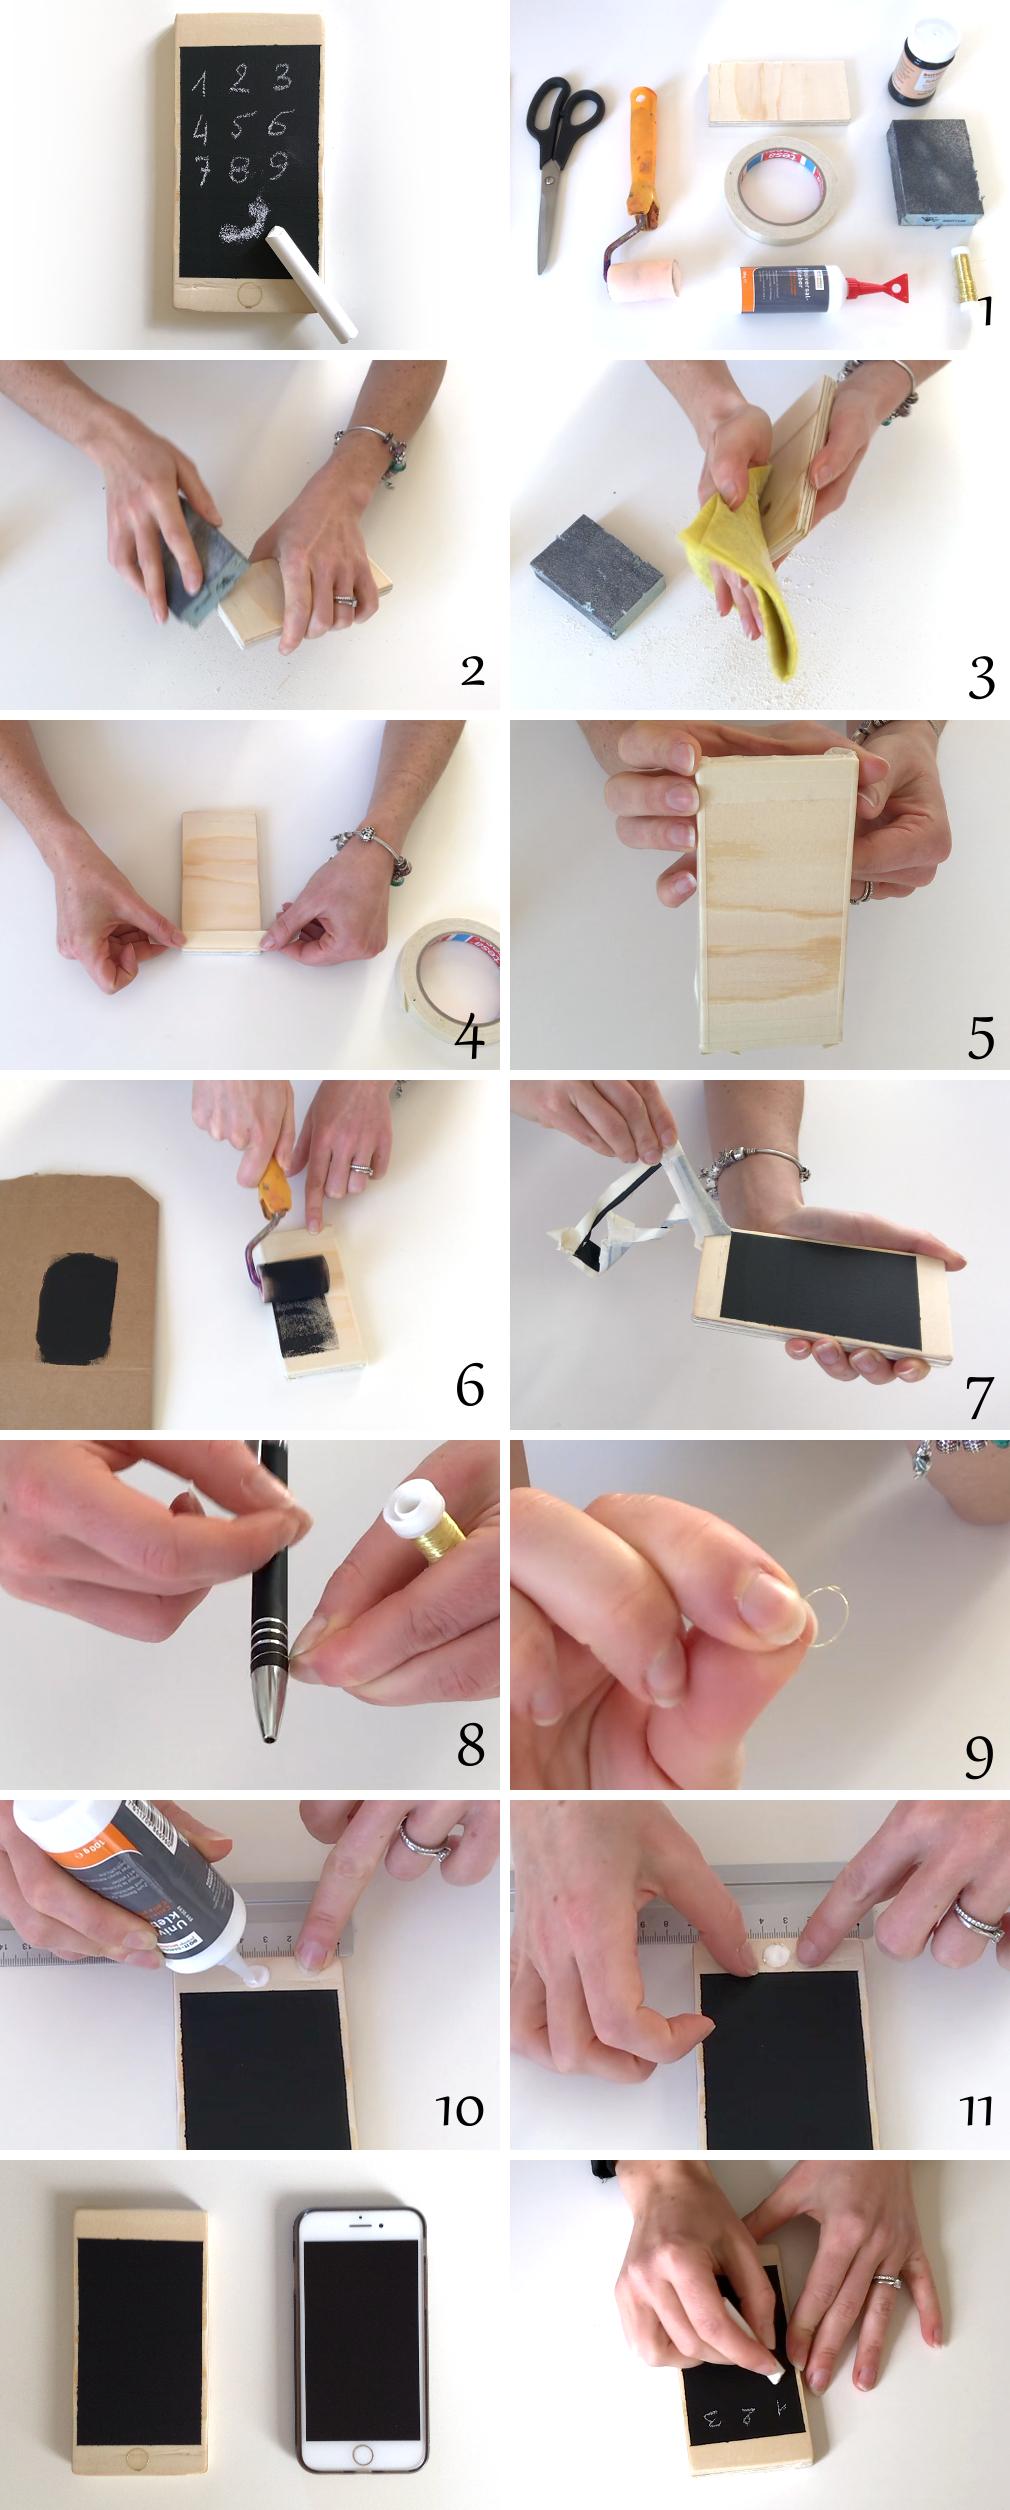 tuto-diy-jouet-smartphone